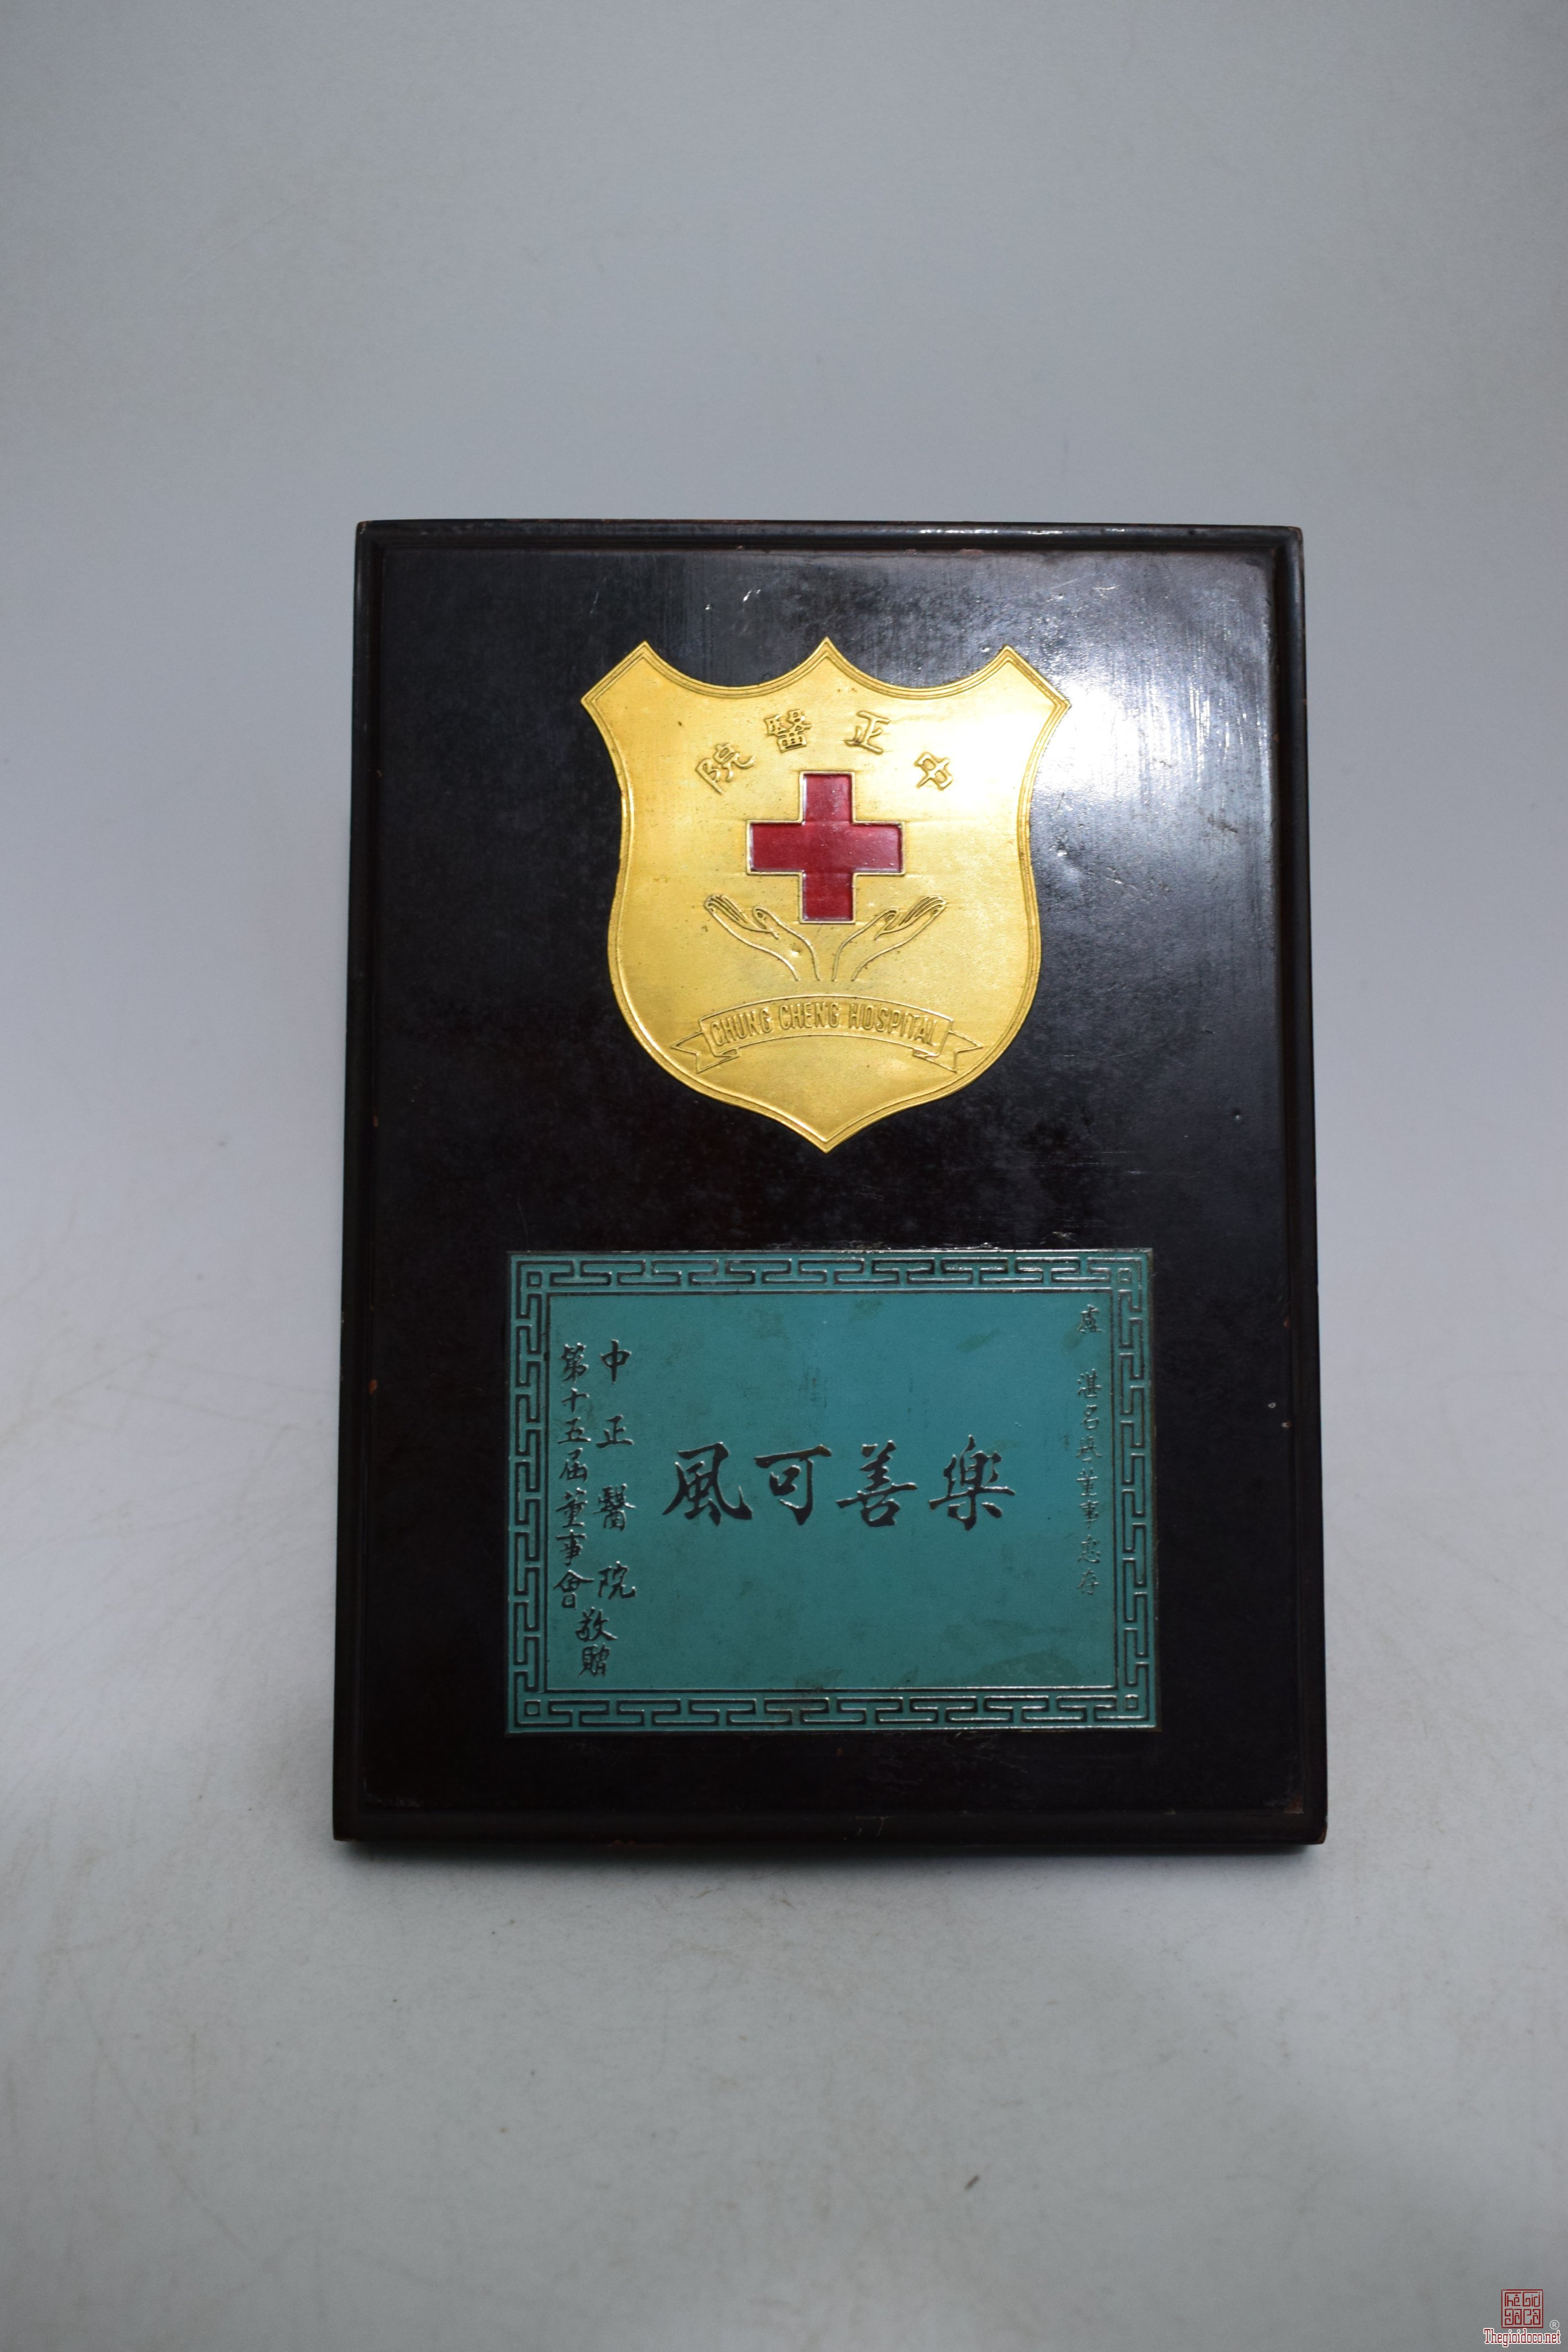 kỷ niệm chương bệnh viện Chung Cheng xưa